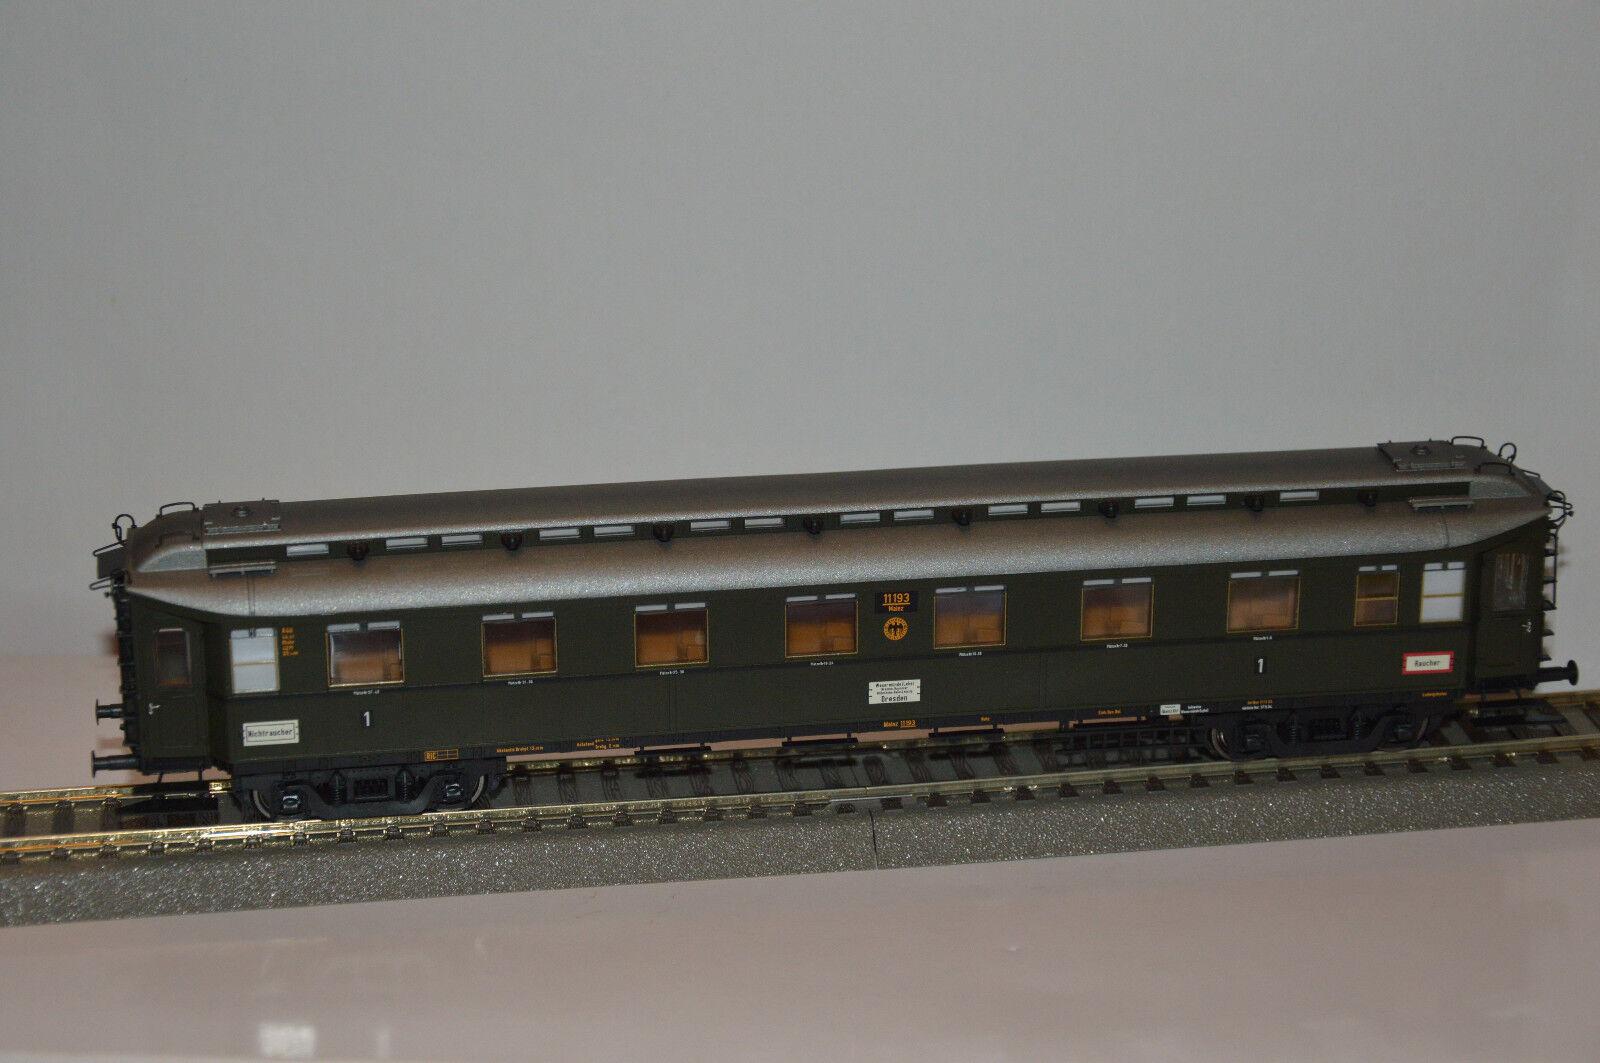 Brawa 2450 D-zugwagen A4u 1kl. Mainz 11193  DRG  ep.II (H0)